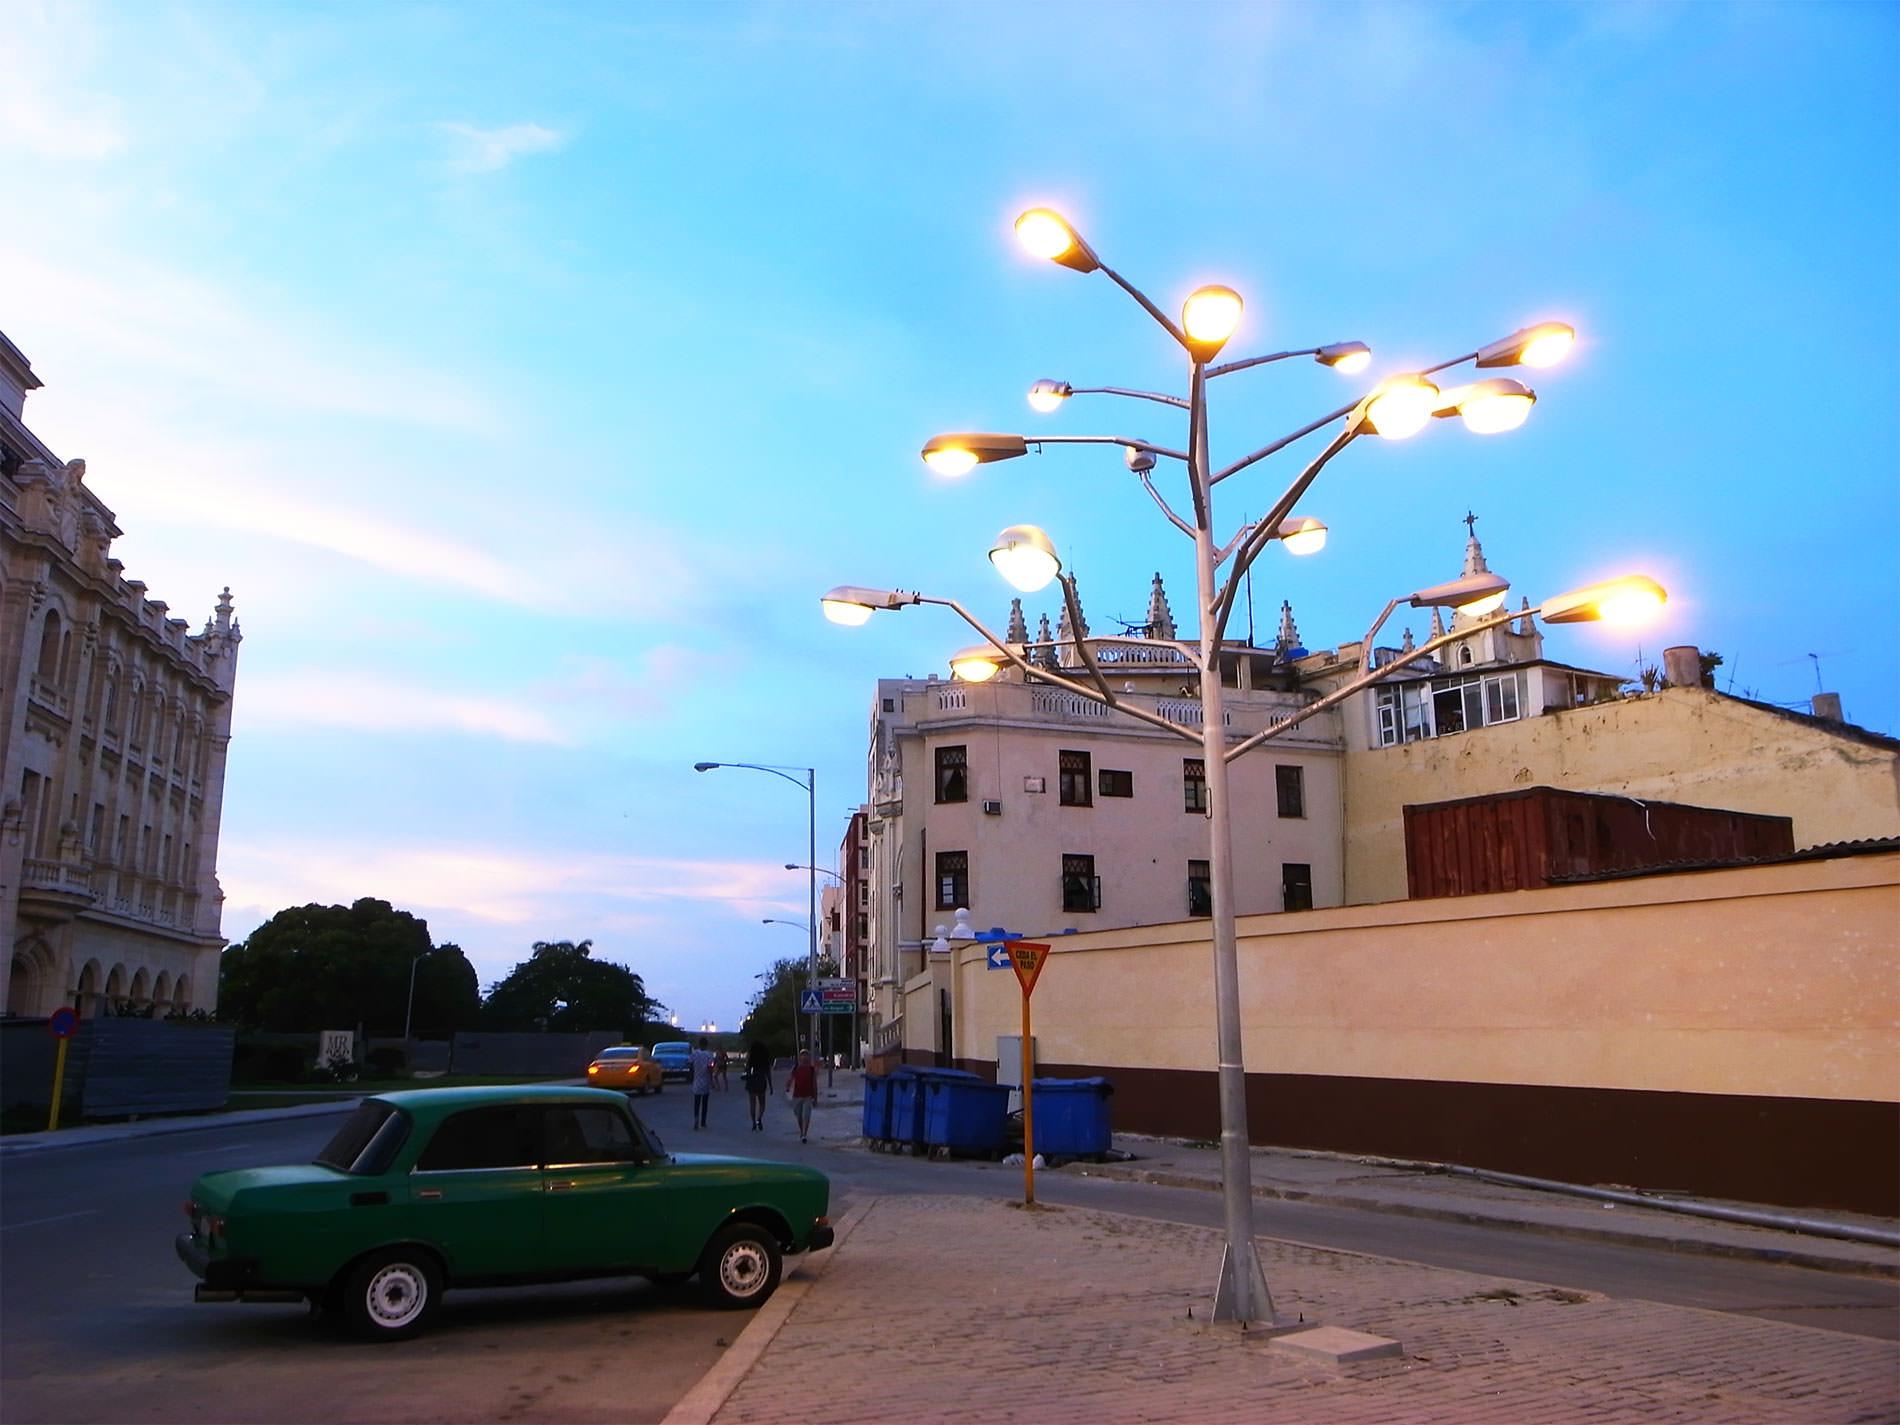 夕暮れのハバナ旧市街を散歩 / キューバ